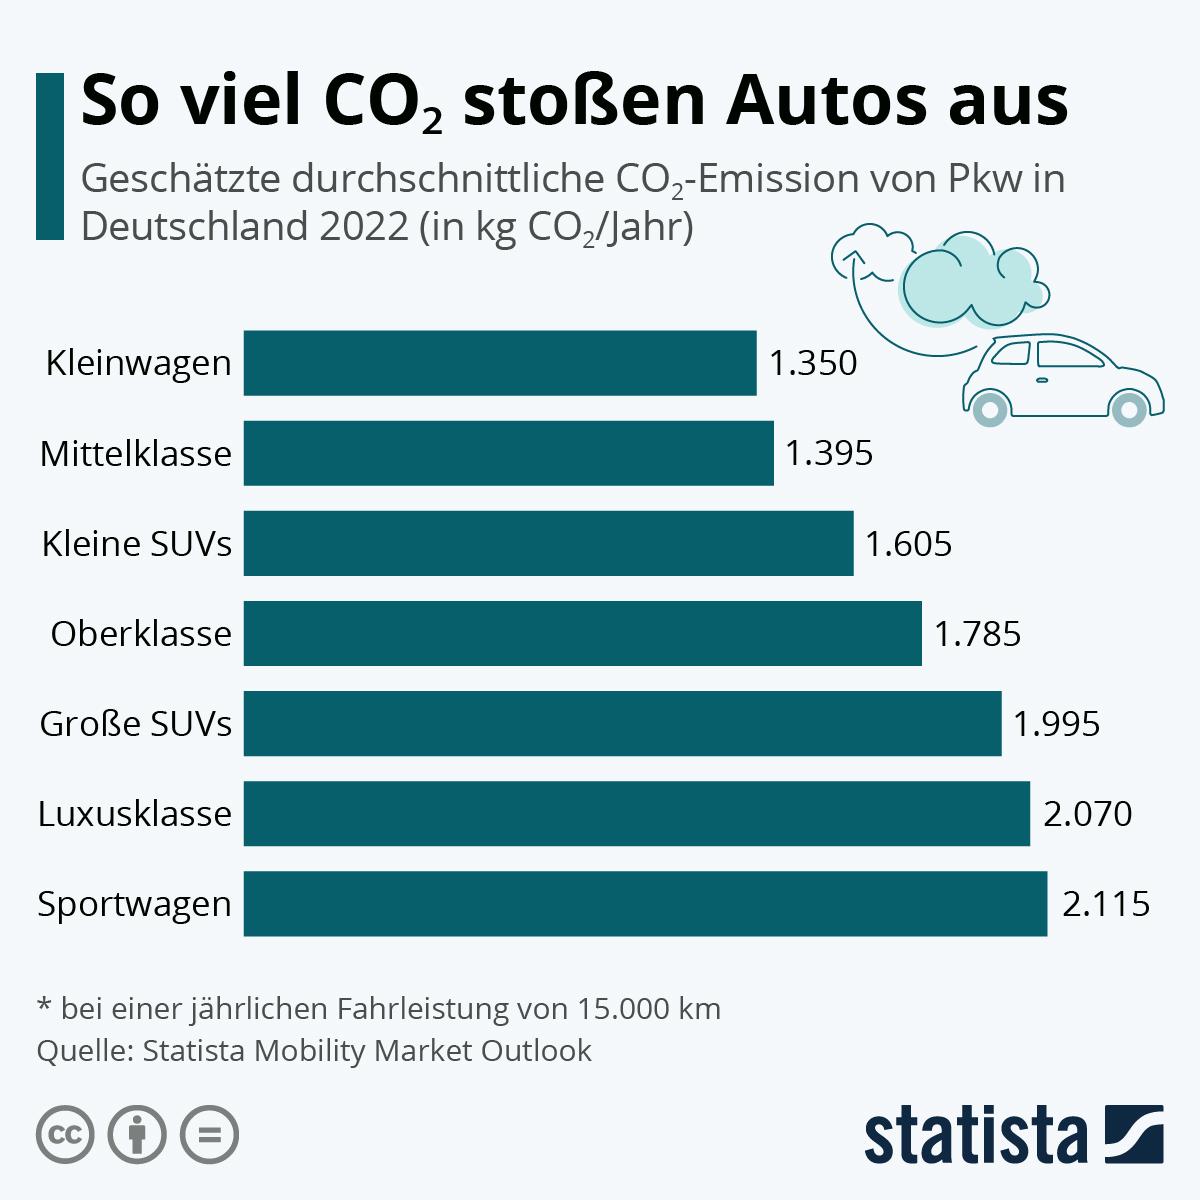 So viel CO2 stoßen Autos aus | Statista